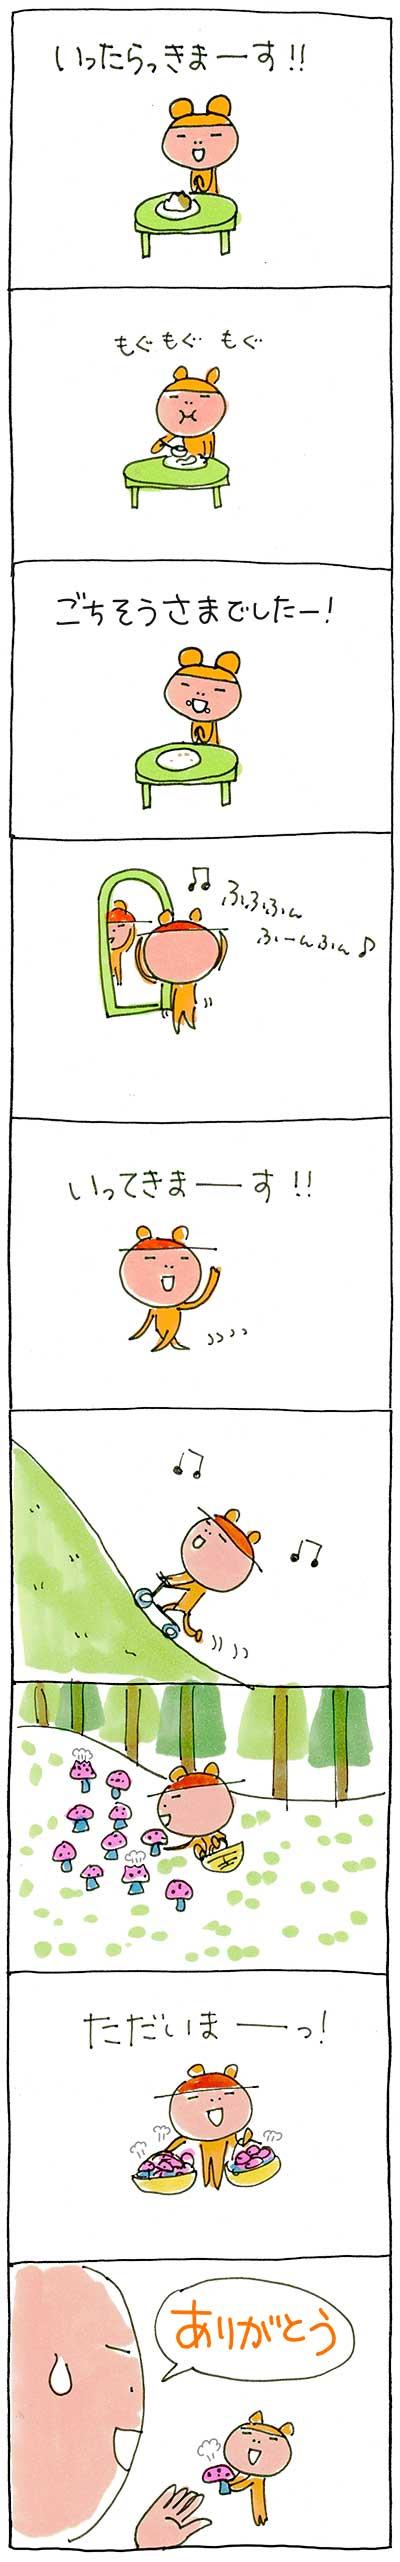 151204ありがとう01